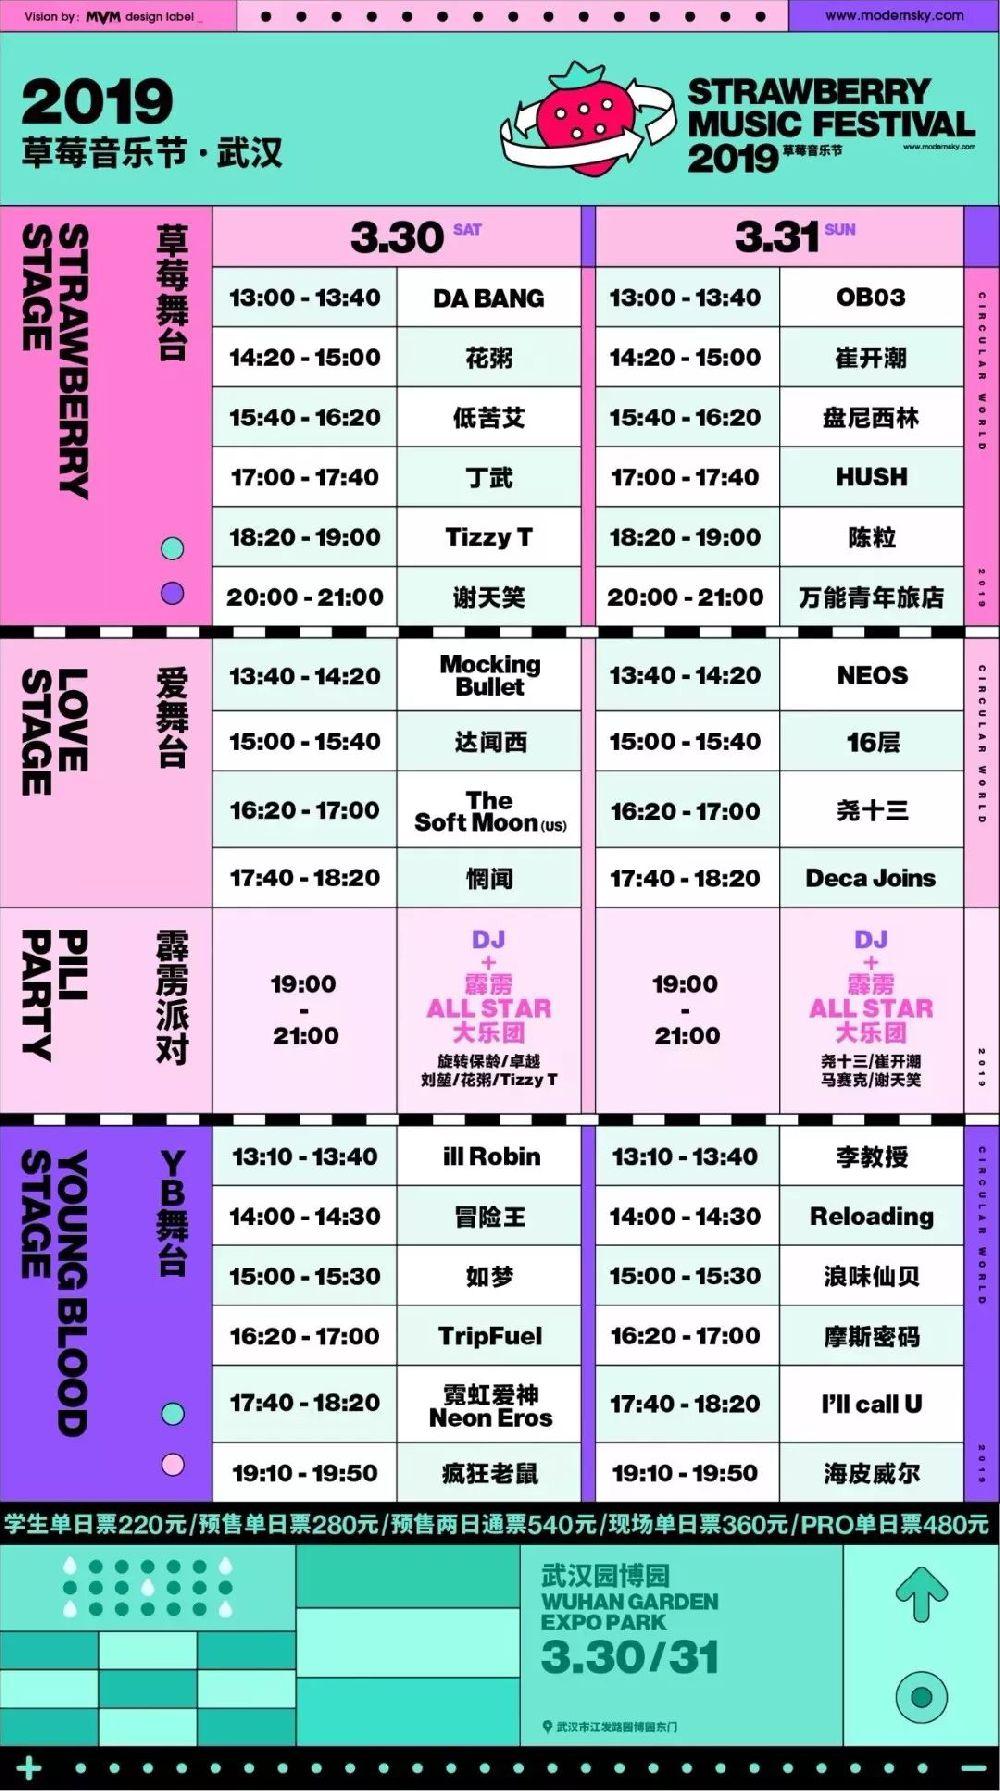 2019武汉草莓音乐节时间、地点、门票及阵容